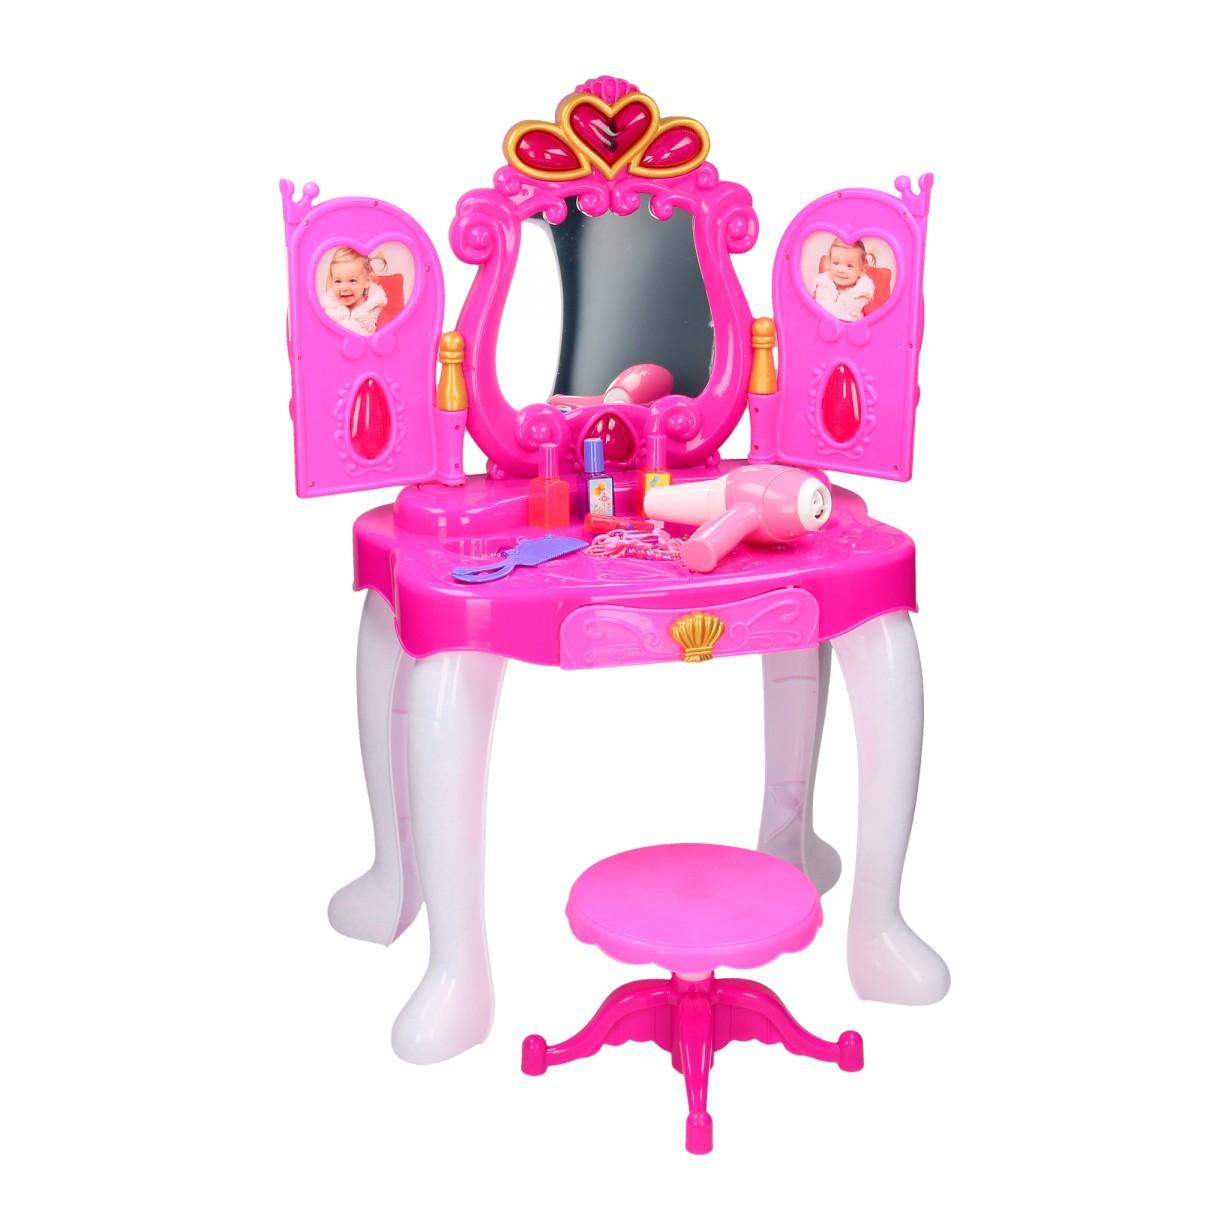 Kaptafel Voor Kinderen.Kaptafel Met Licht En Geluid Online Kopen Lobbes Speelgoed